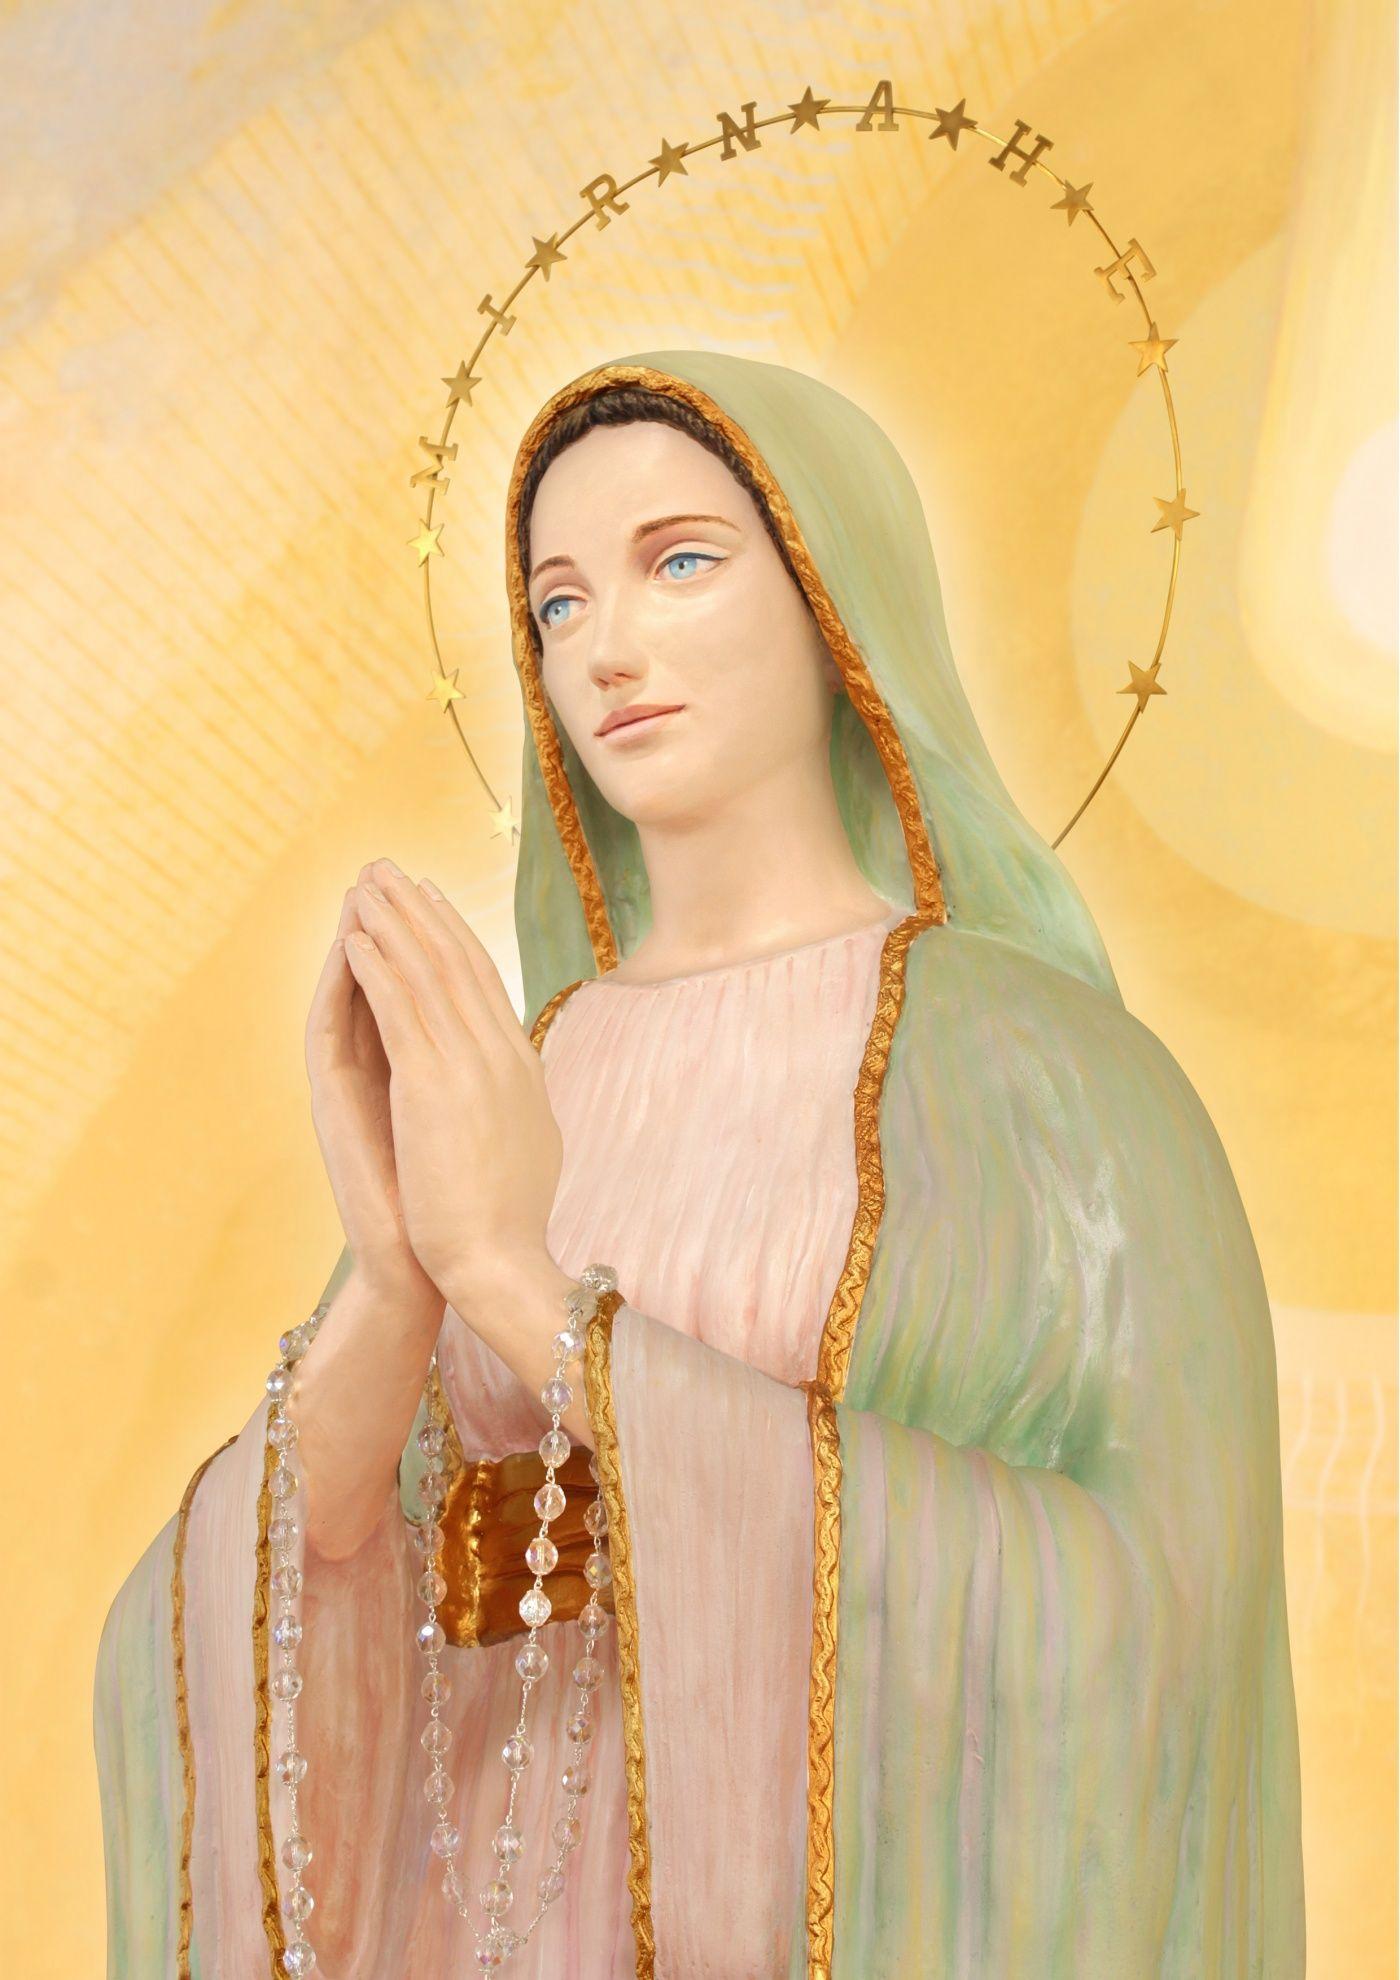 Vindos do c u ao nosso encontro cristo jesus a virgem maria e s o jos transmitem suas - Divinos pucheros maria jose ...